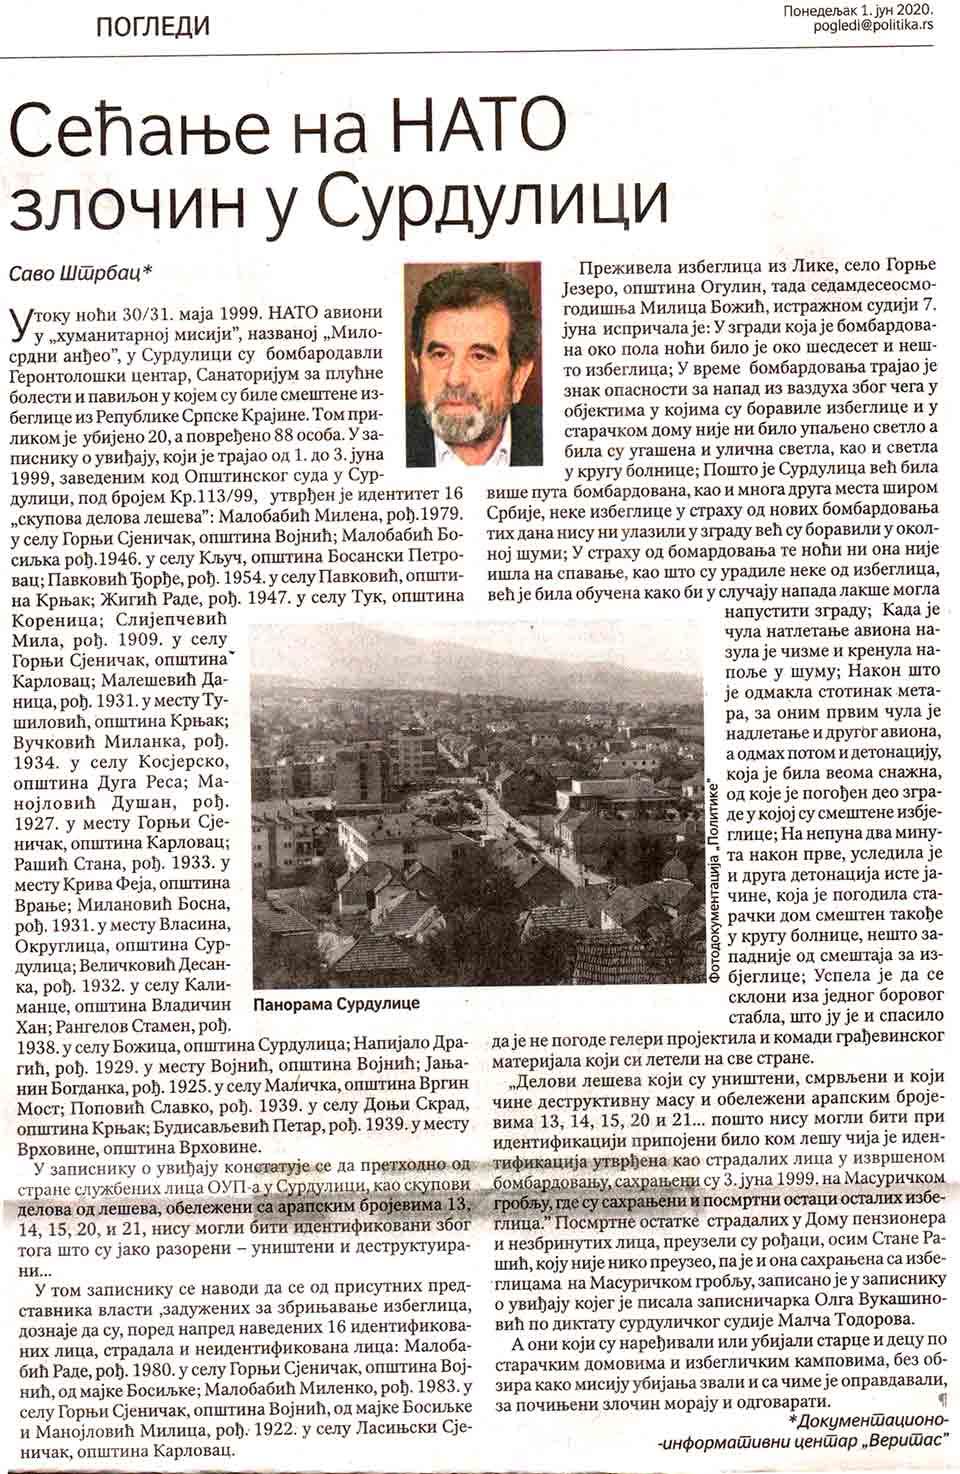 Politika, 1. jun 2020, Savo Štrbac:Sećanje na nato zločin u Surdulici Foto: Politika, scan